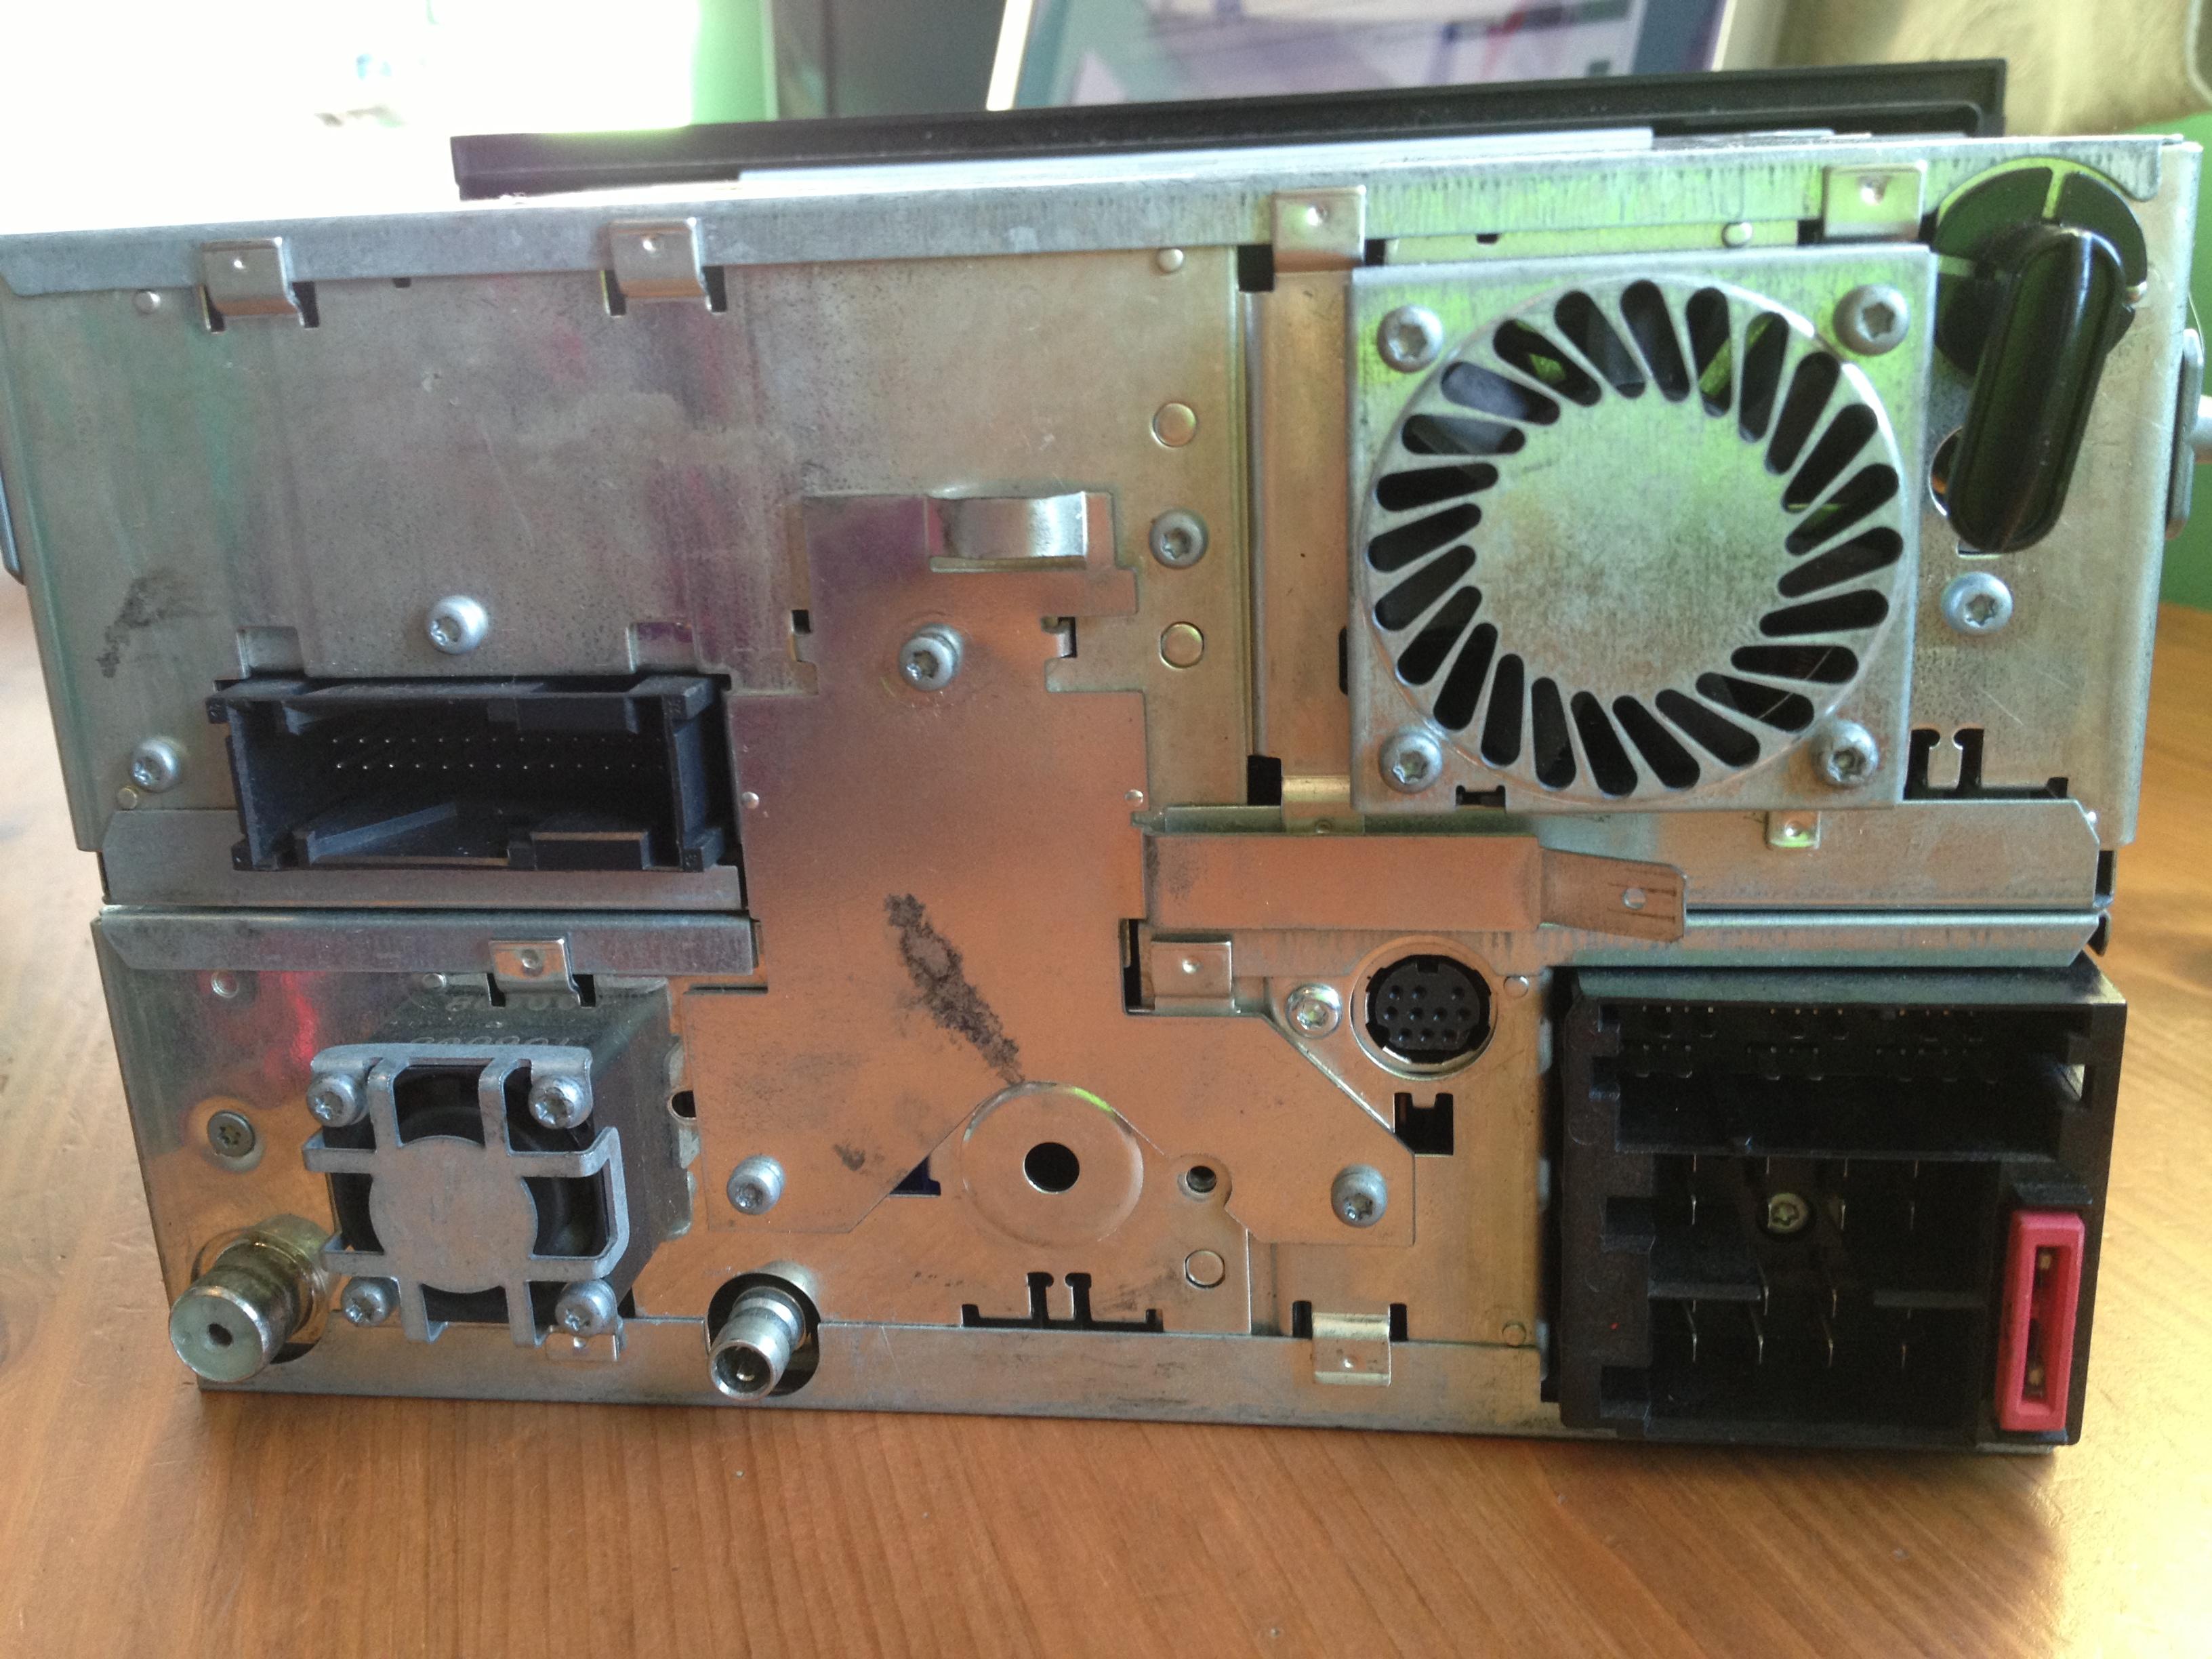 audi a3 s3 concert ii u003e rnsd satnav wiring loom issues please help rh audi sport net Audi A6 Wiring-Diagram Audi A4 Electrical Diagram